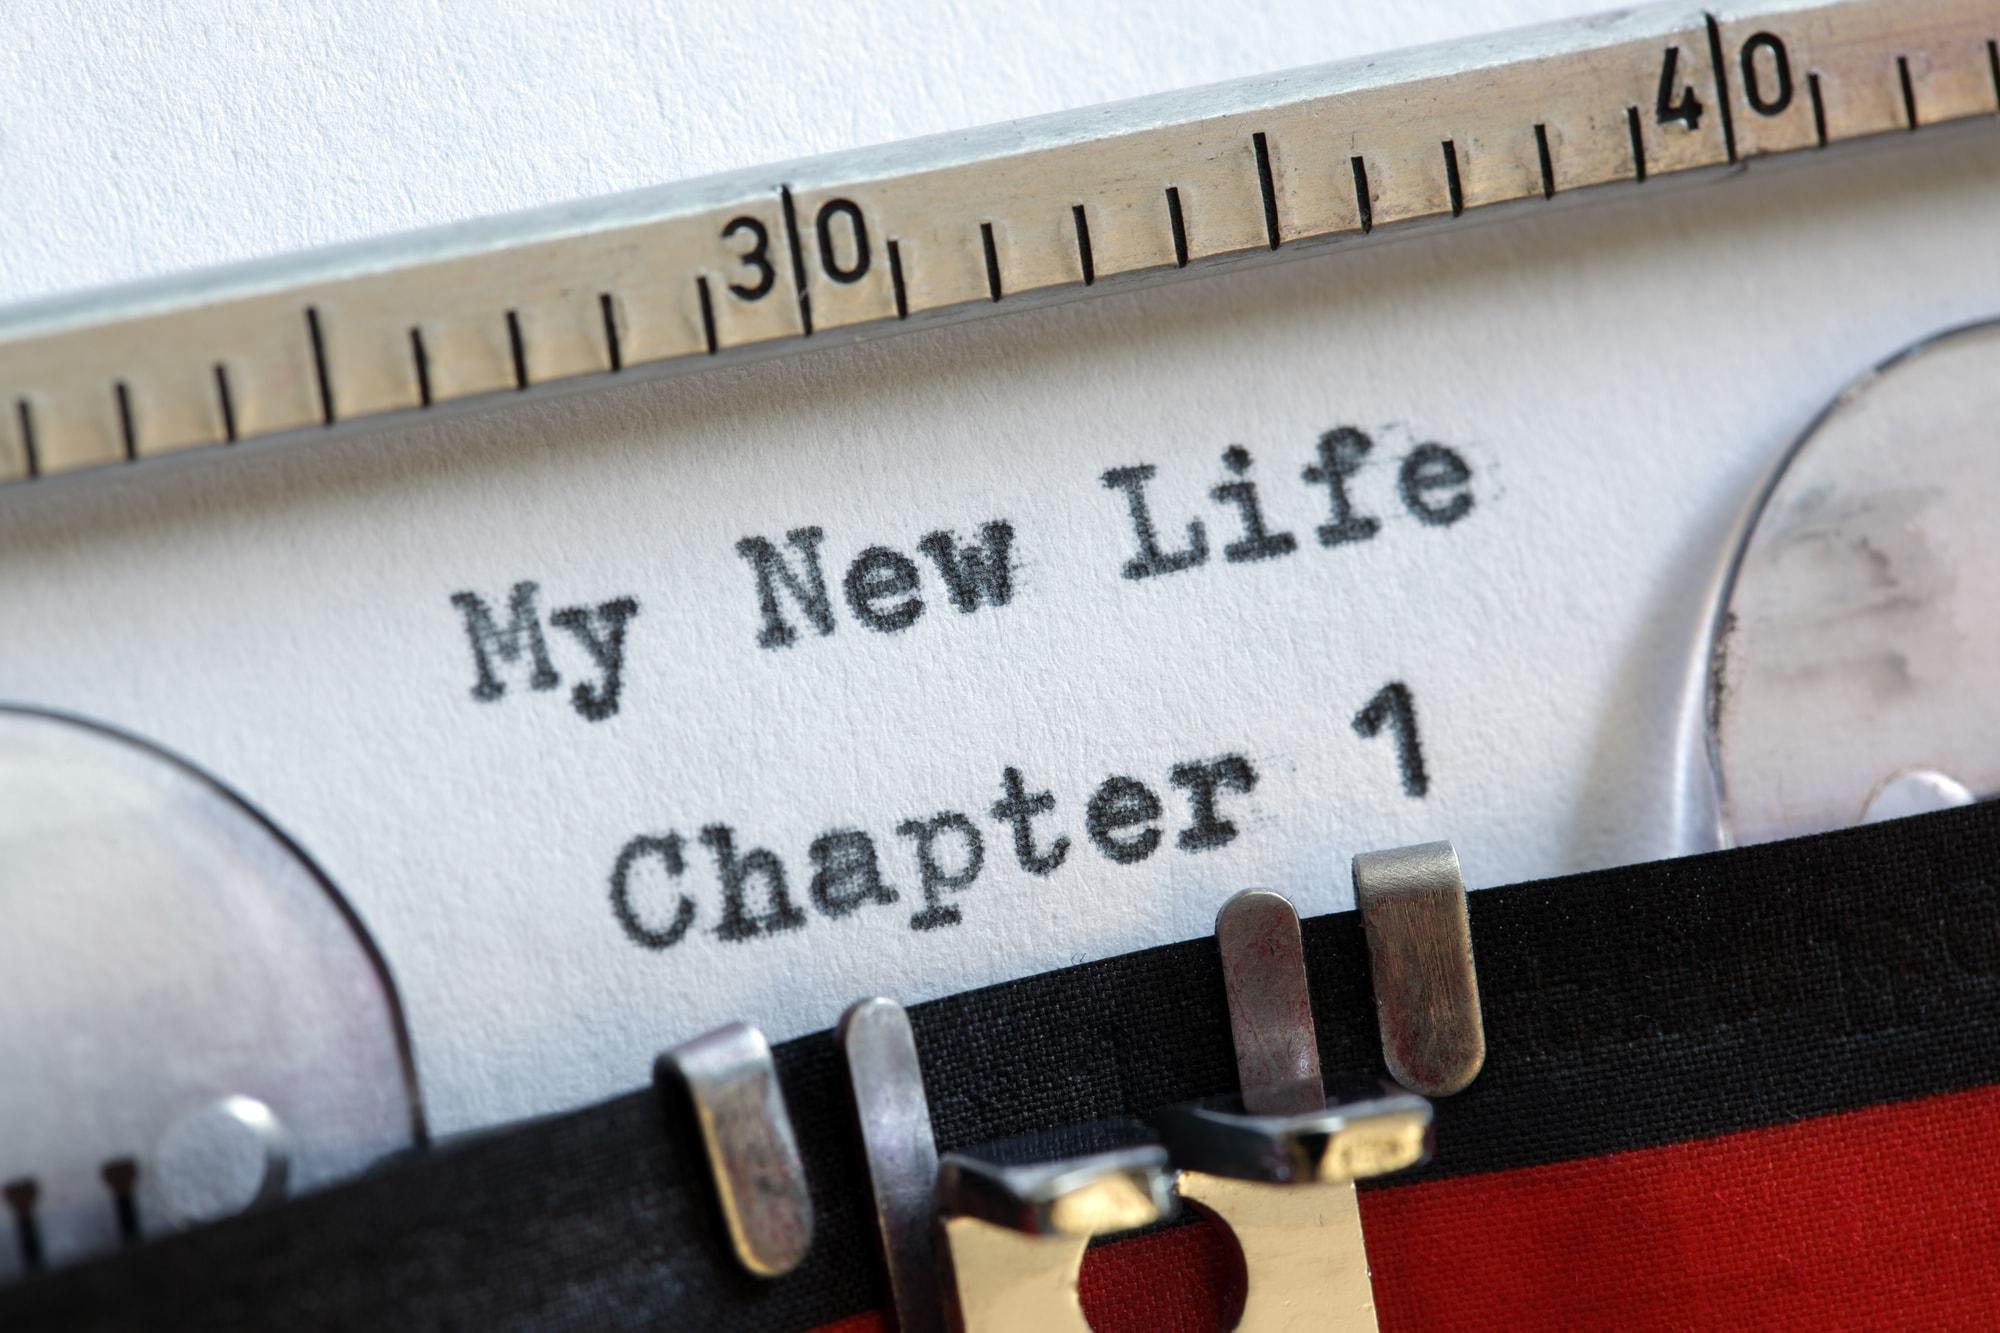 wprowadzenie natychmiastowych zmian w życiu